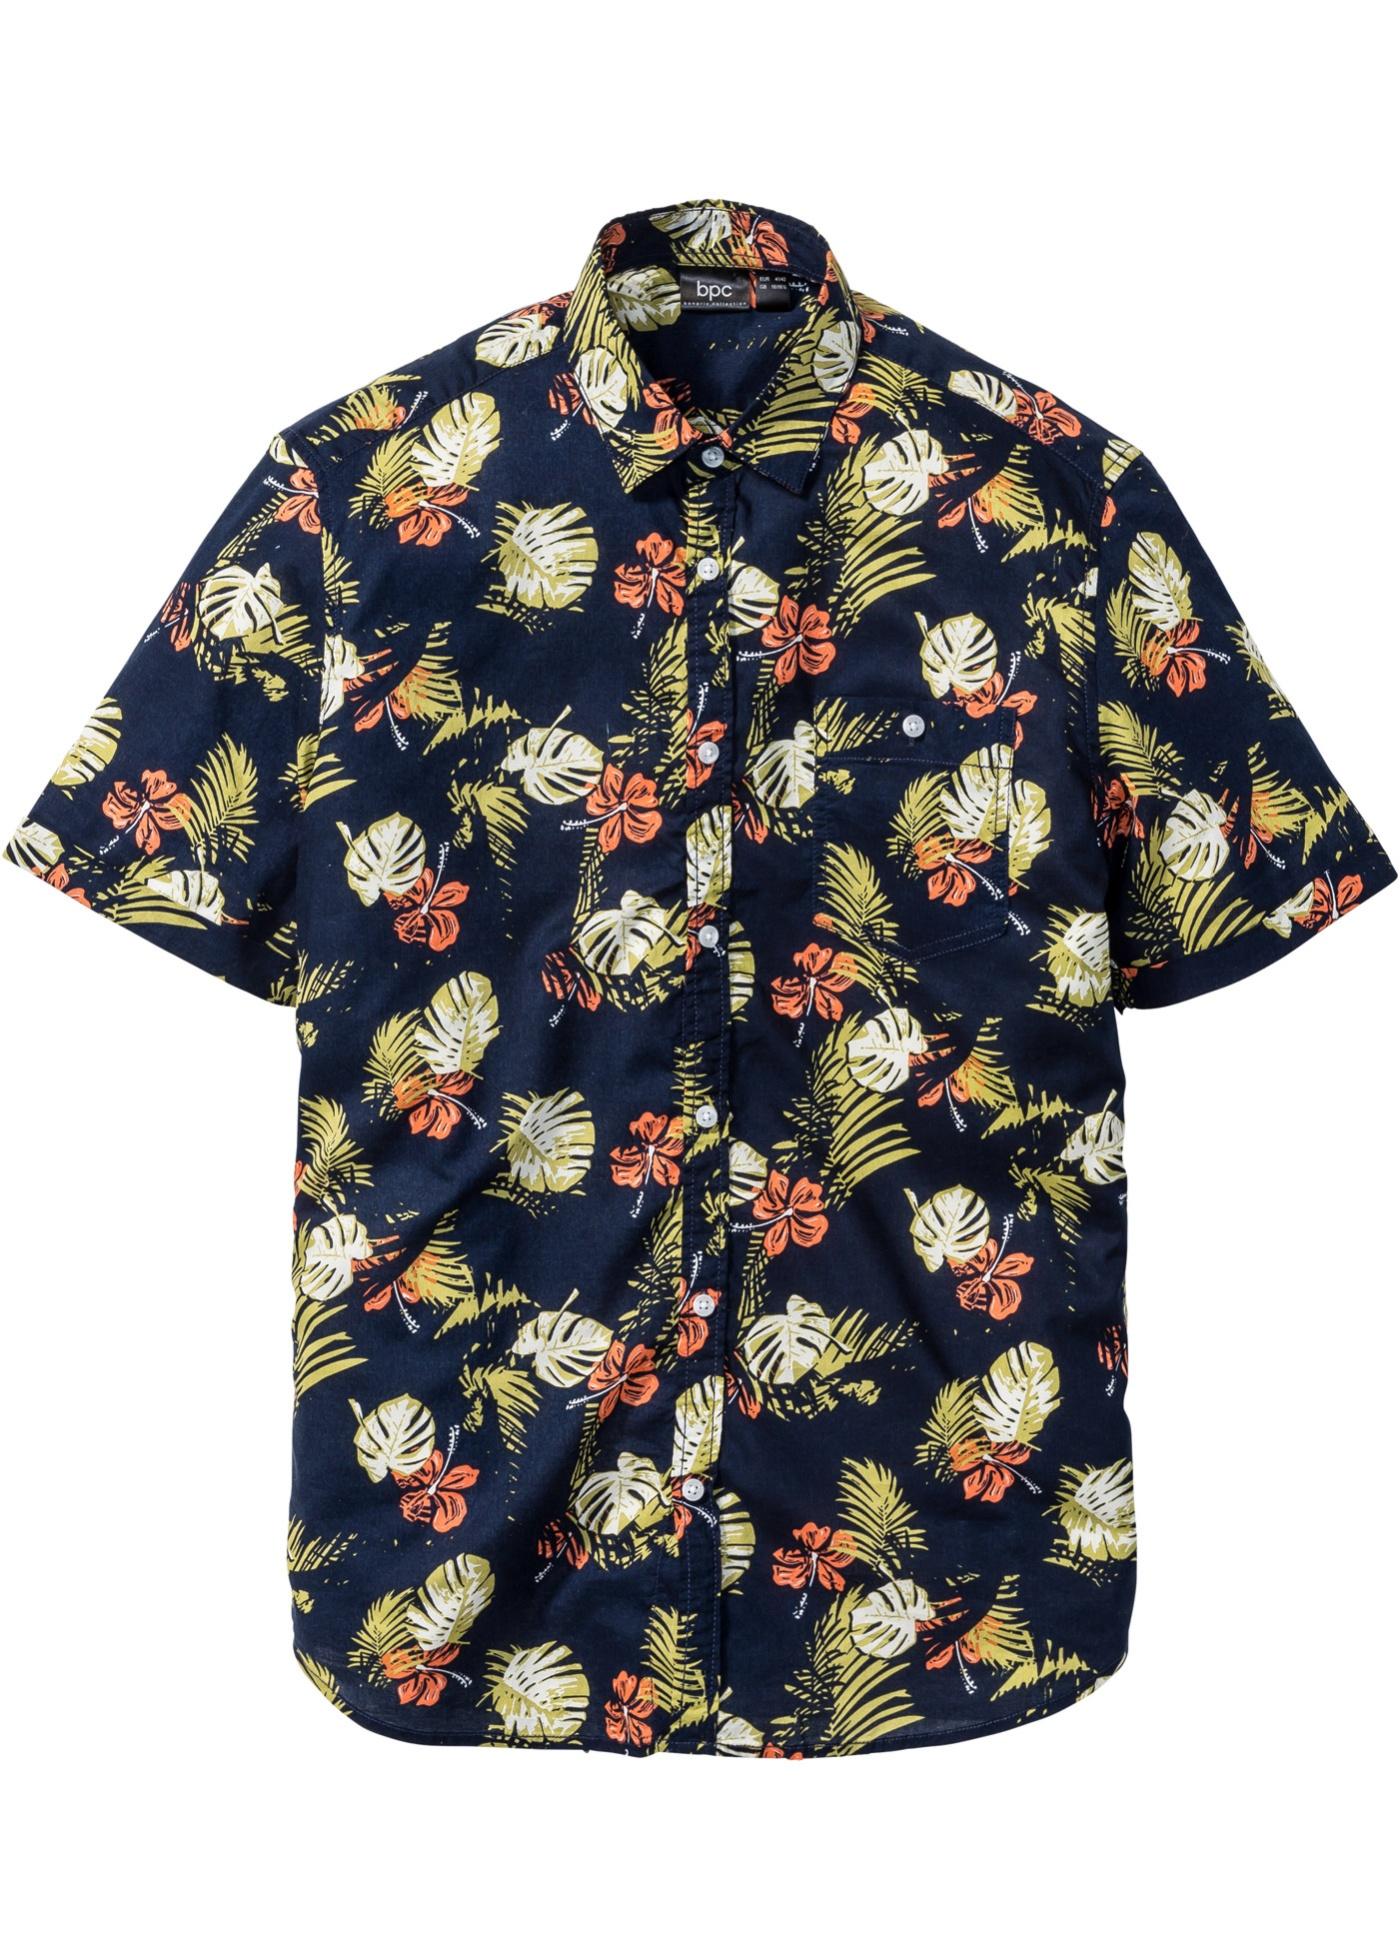 bpc bonprix collection Hawaii-Hemd Regular Fit kurzer Arm in blau von bonprix Herren Herrenbekleidung Herren Hemden Herren Hemd Kurzarm